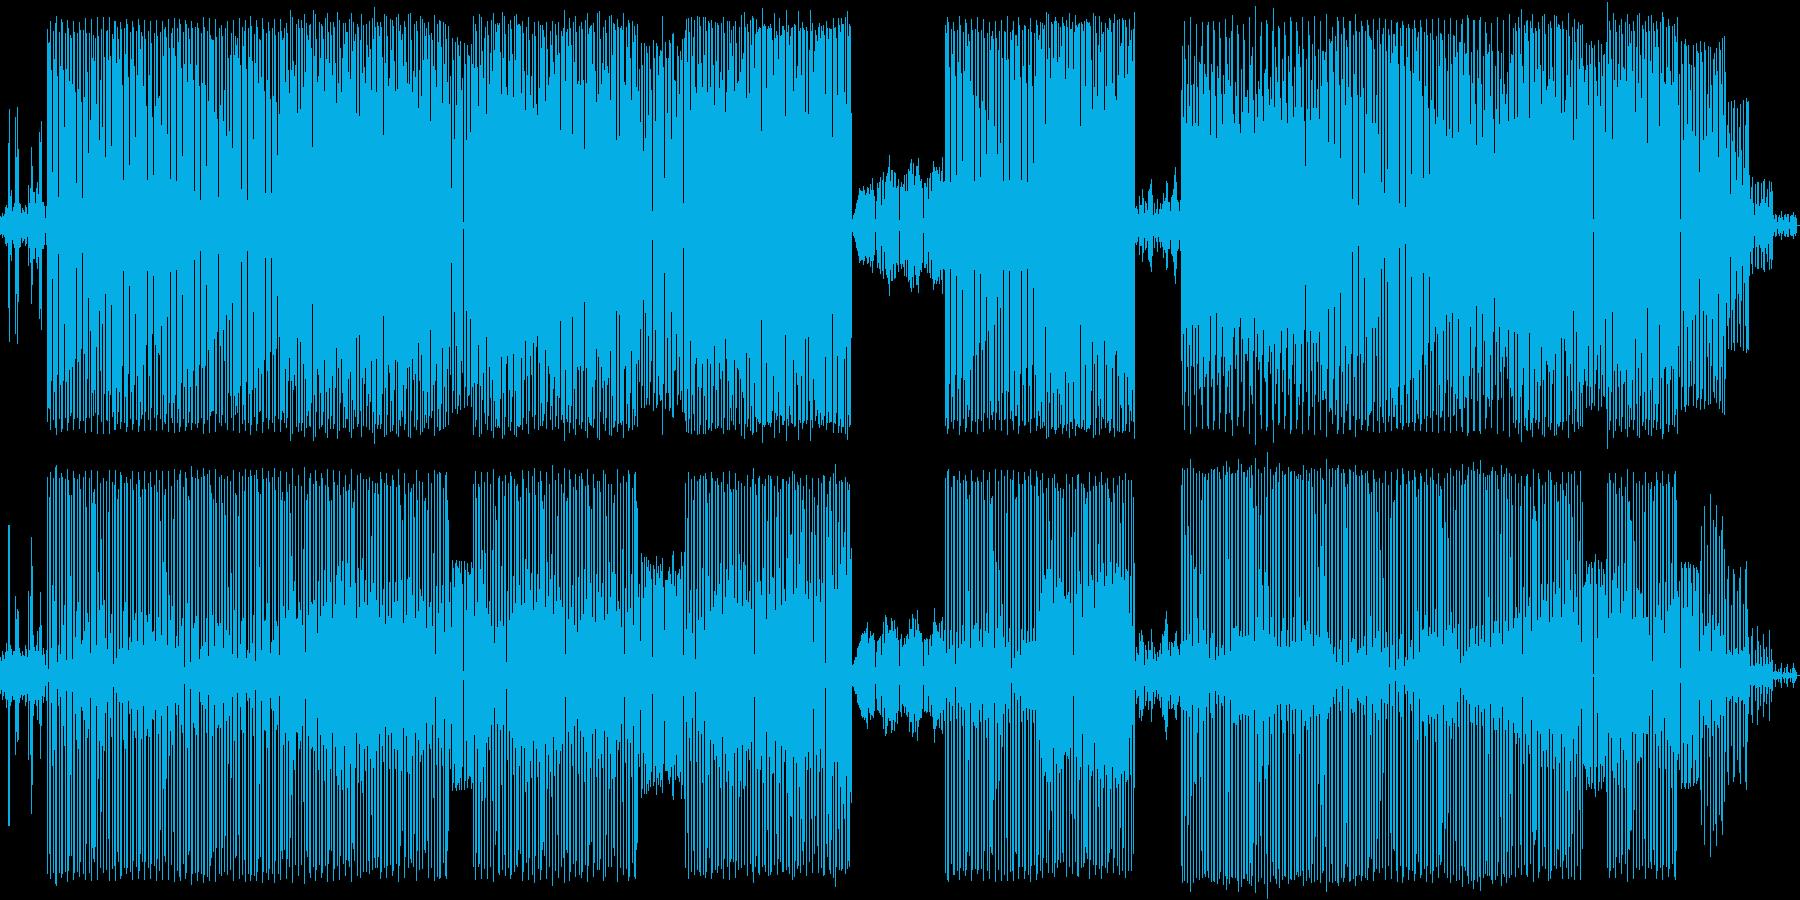 風変わりな催眠ハウスダンスビート。の再生済みの波形